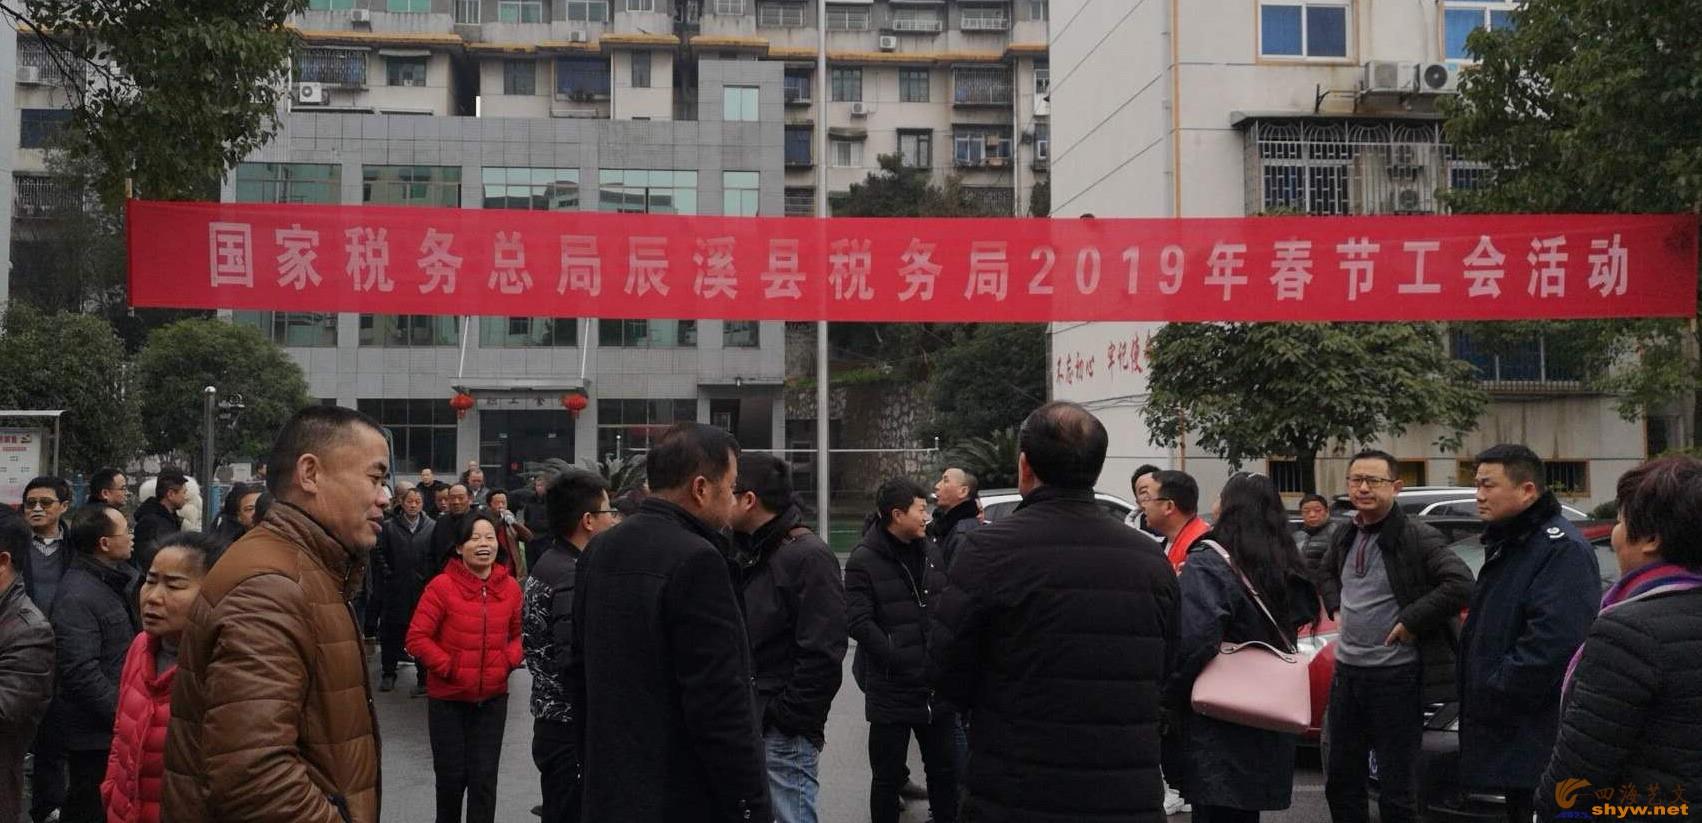 春节活动图一